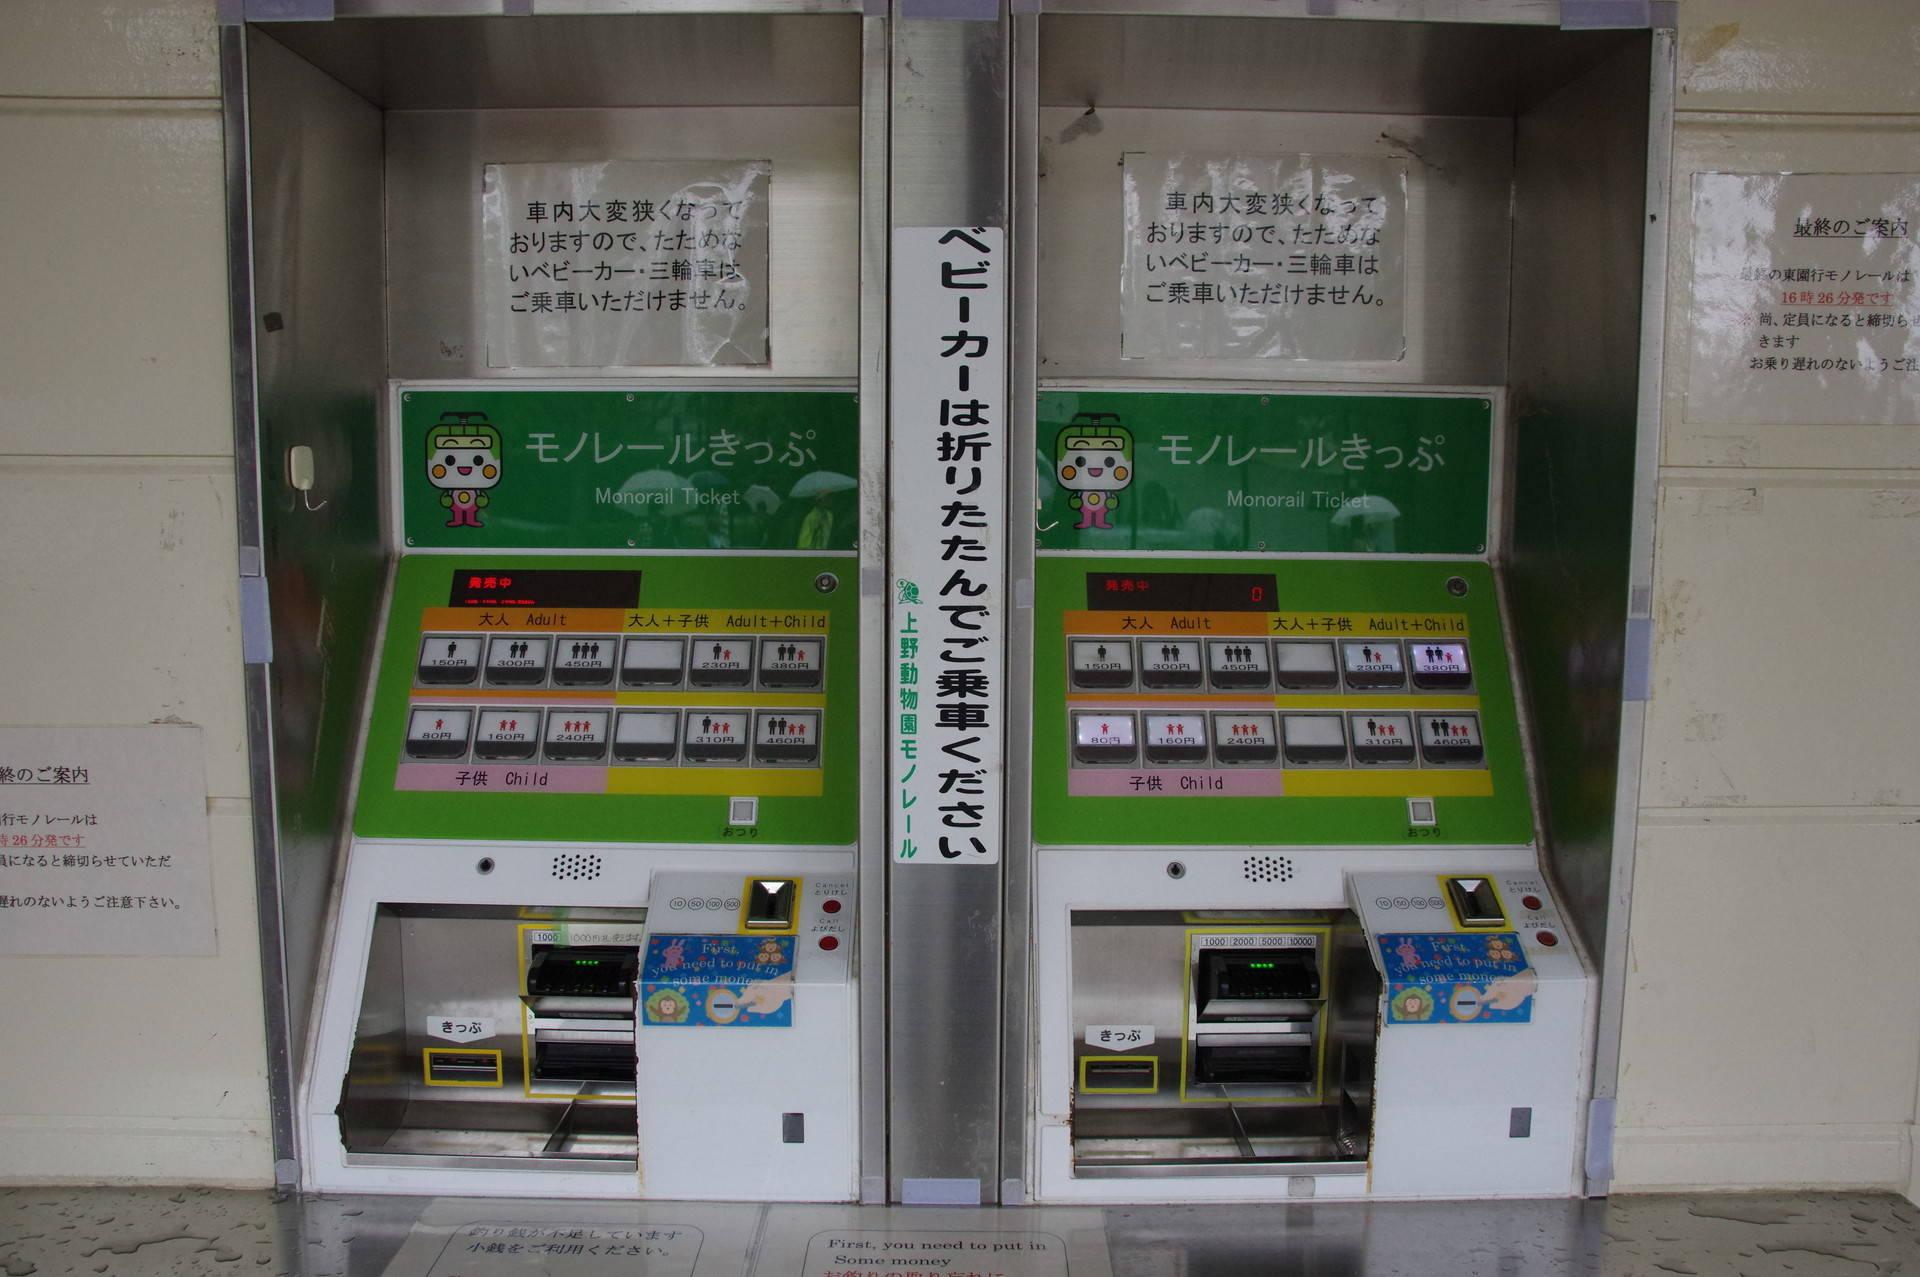 西園駅の券売機